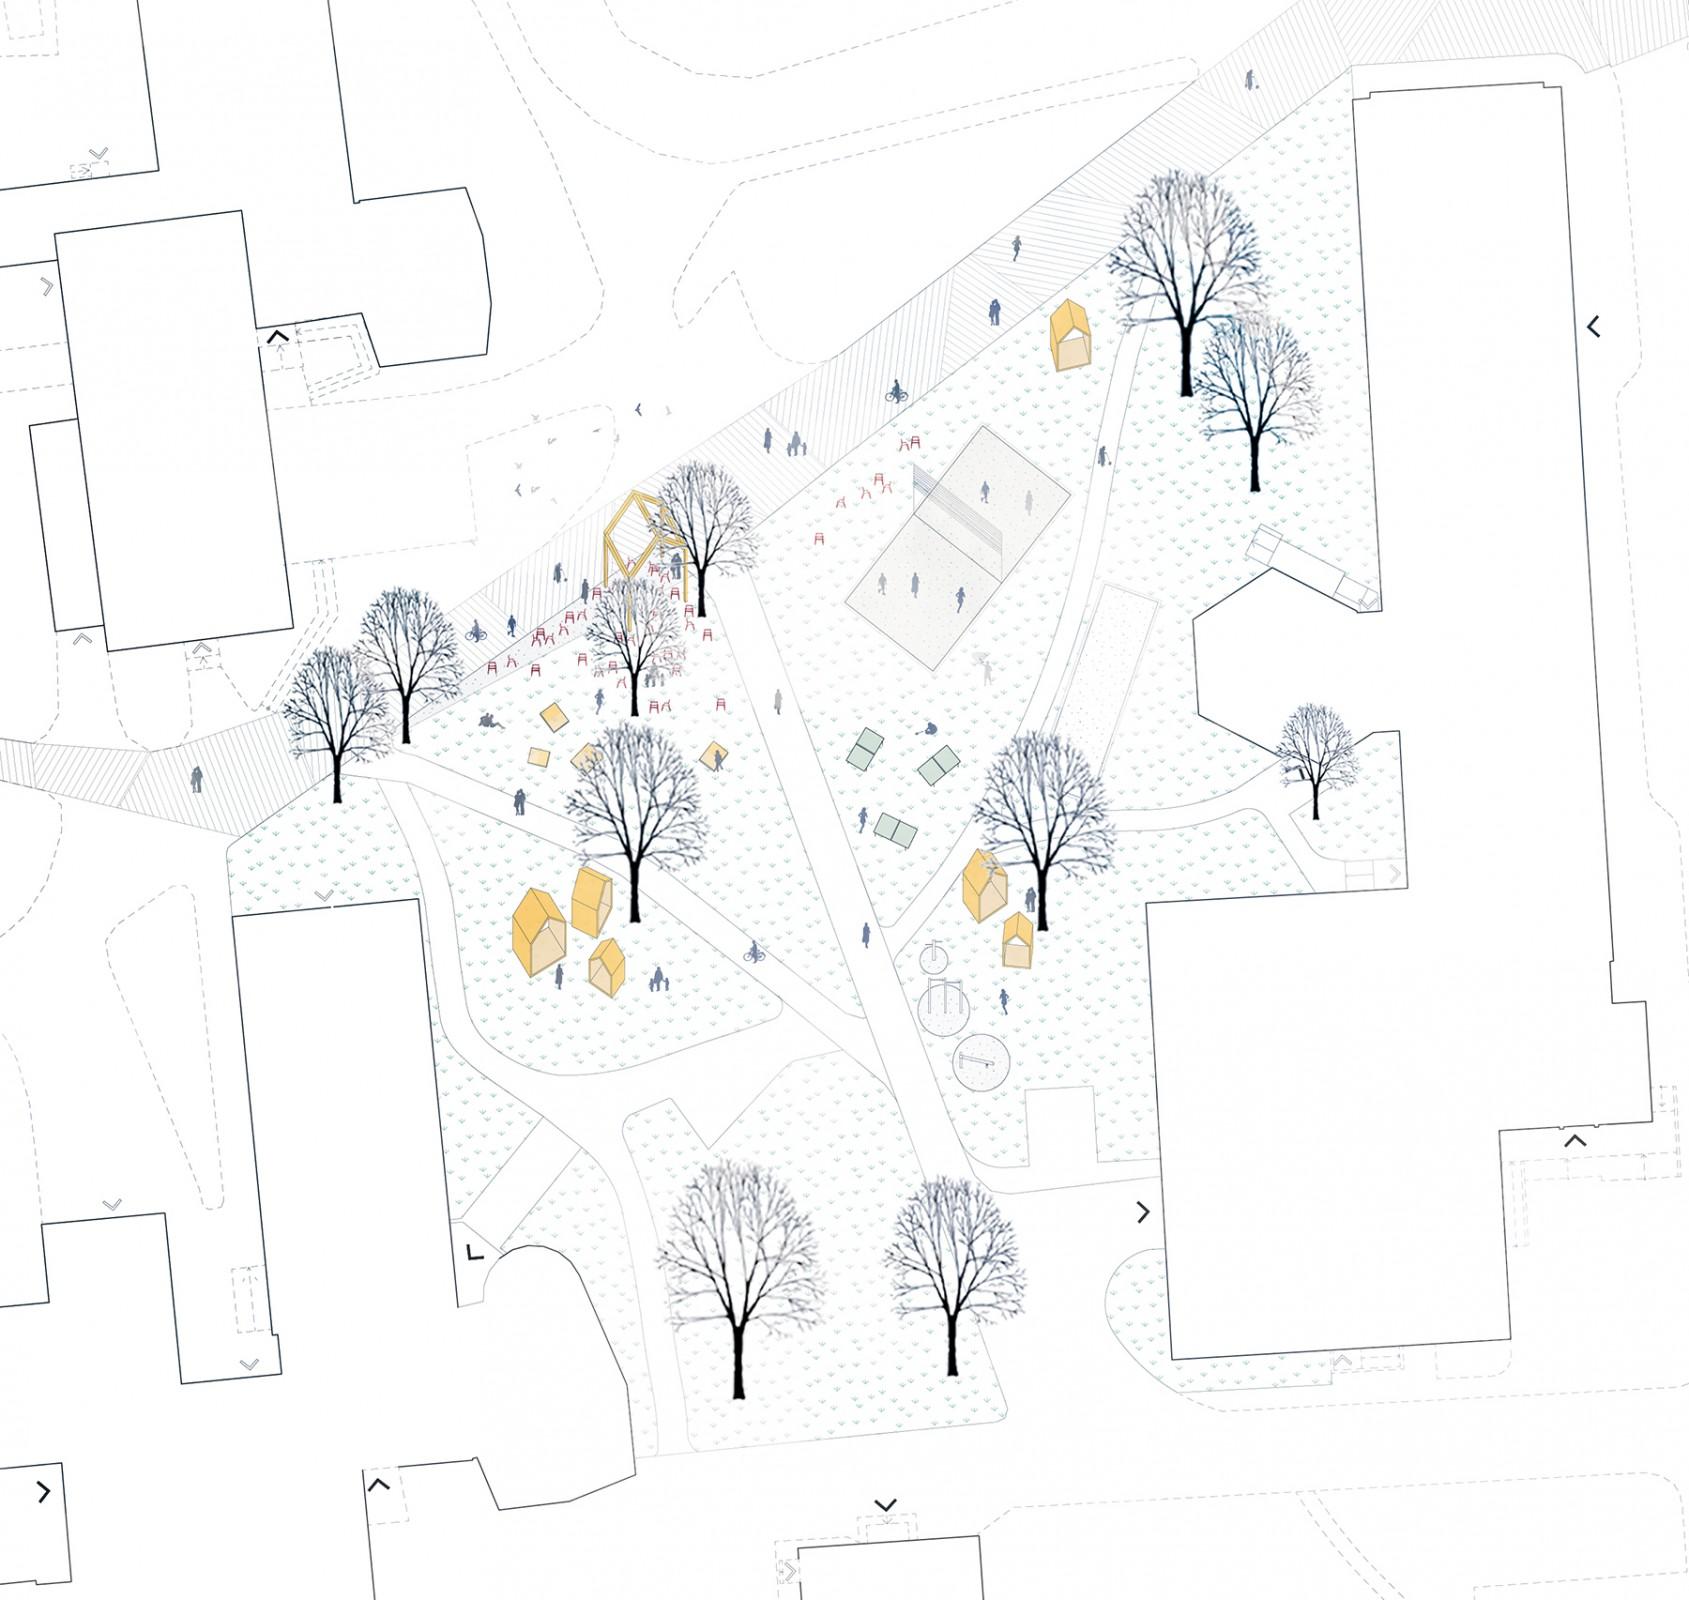 Z:Projekt201614 KI Campus9 arbetsmaterialLANDritningmodell